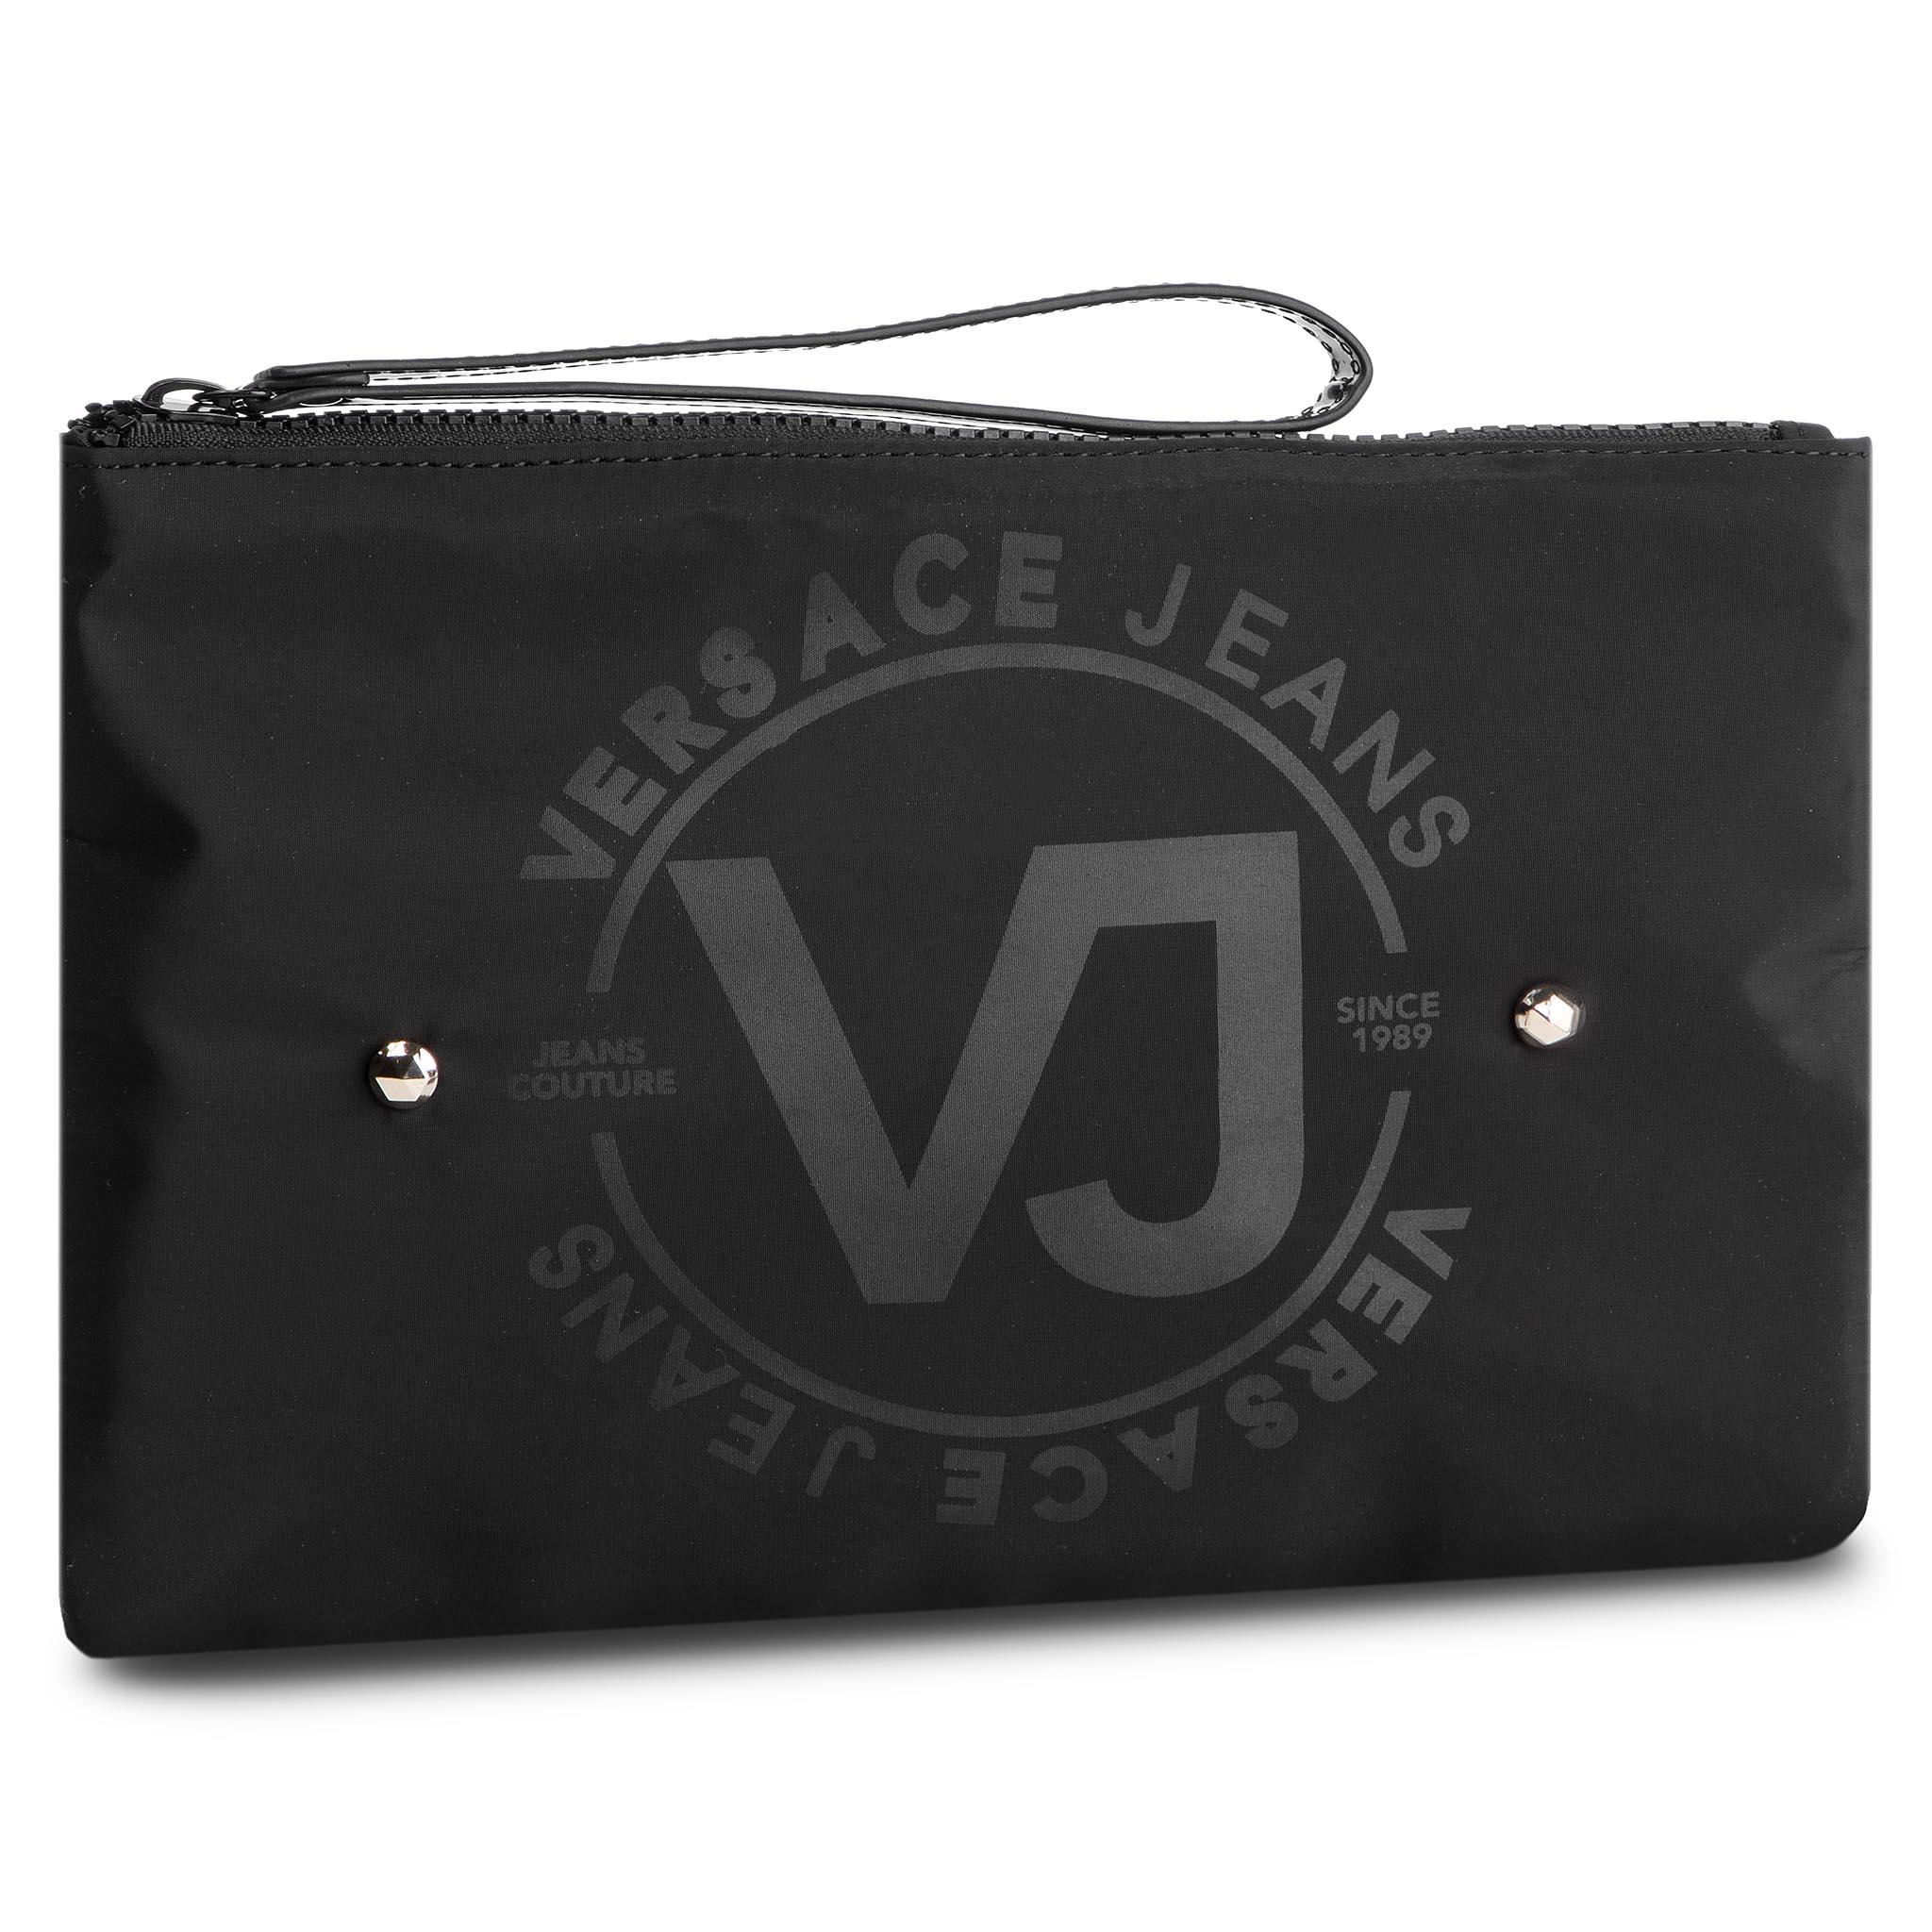 5ae760db2afe8 Handbag VERSACE JEANS - E1VTBBN1 71104 904 - Classic - Handbags ...